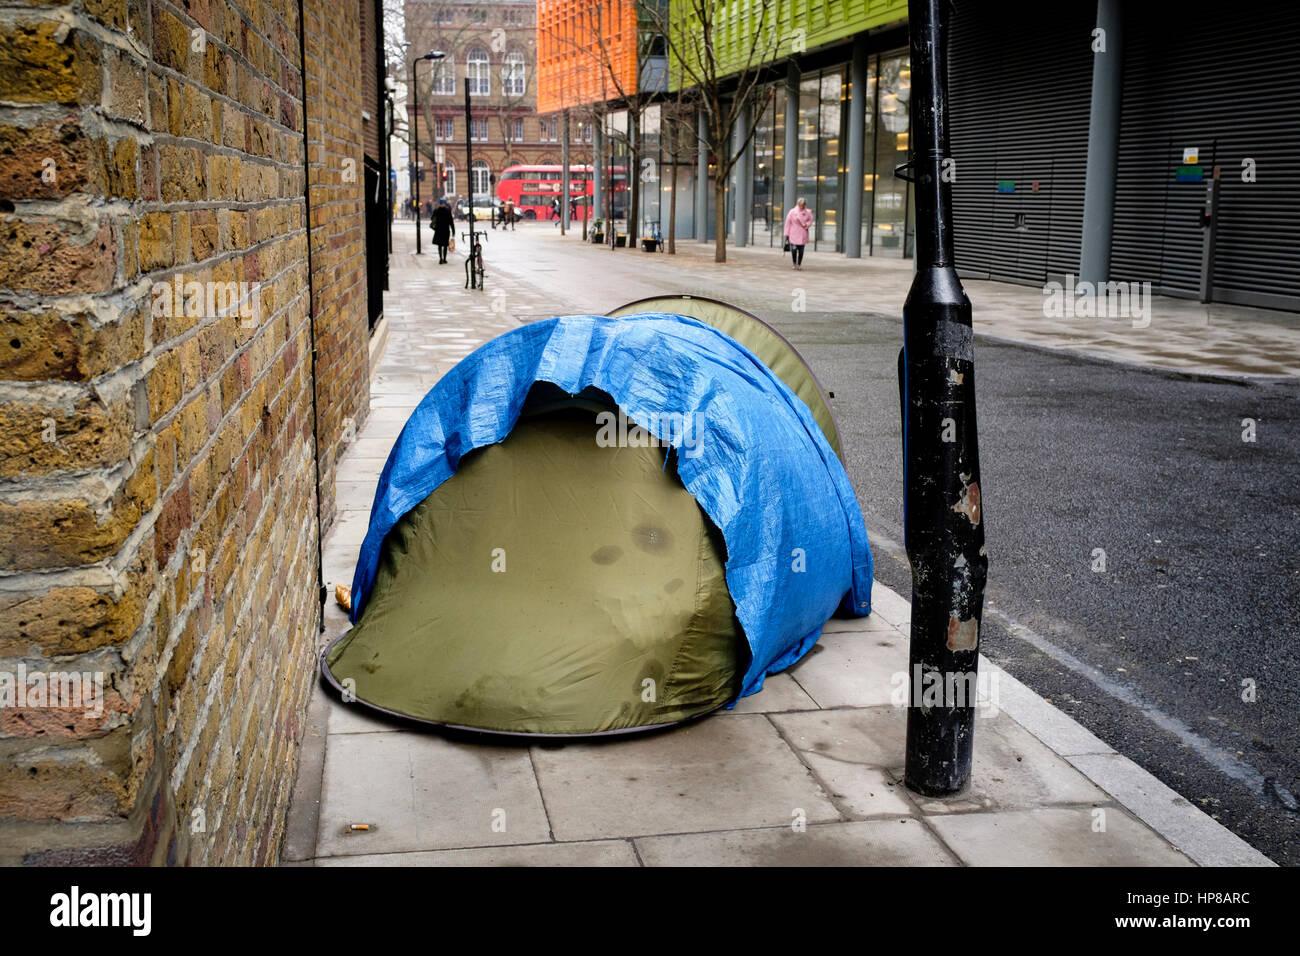 Tienda lanzó en central London Street ofrece un refugio para personas sin hogar de la ciudad. Foto de stock